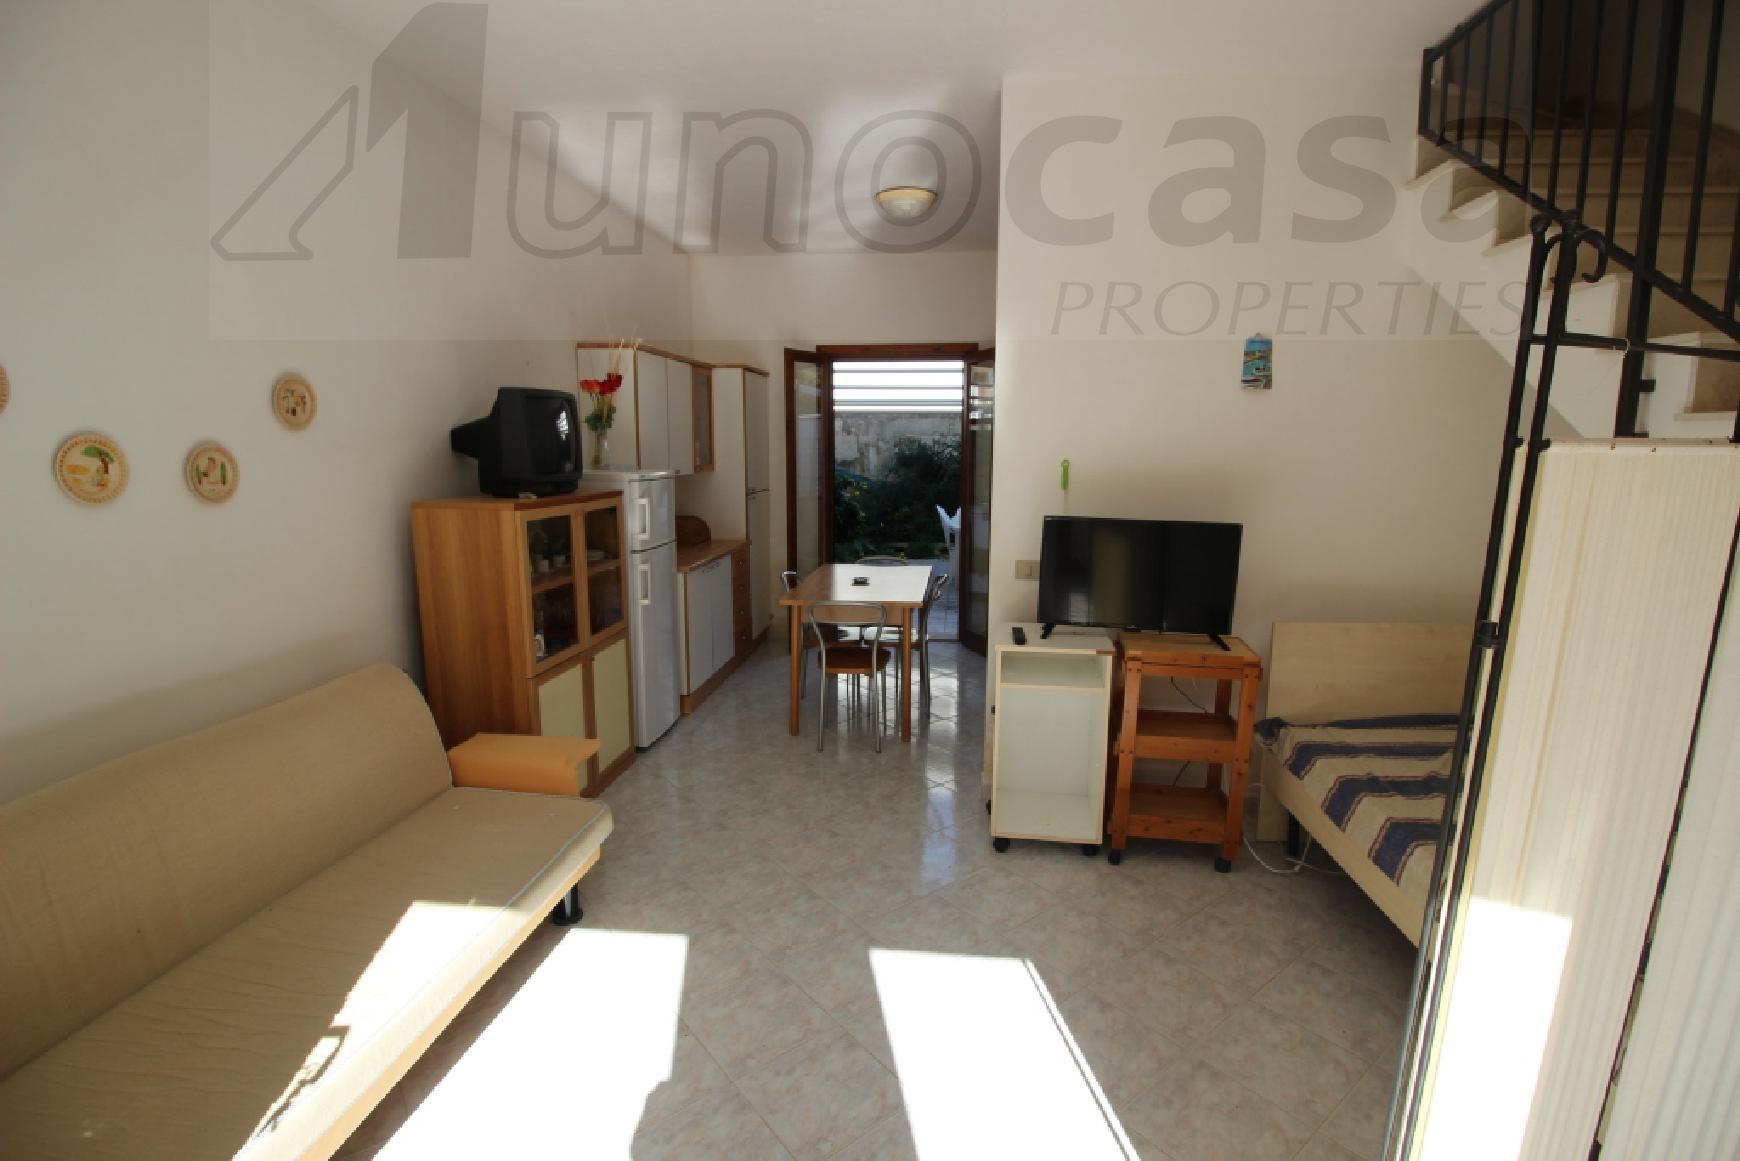 Appartamento in vendita a Scicli, 3 locali, prezzo € 135.000 | PortaleAgenzieImmobiliari.it